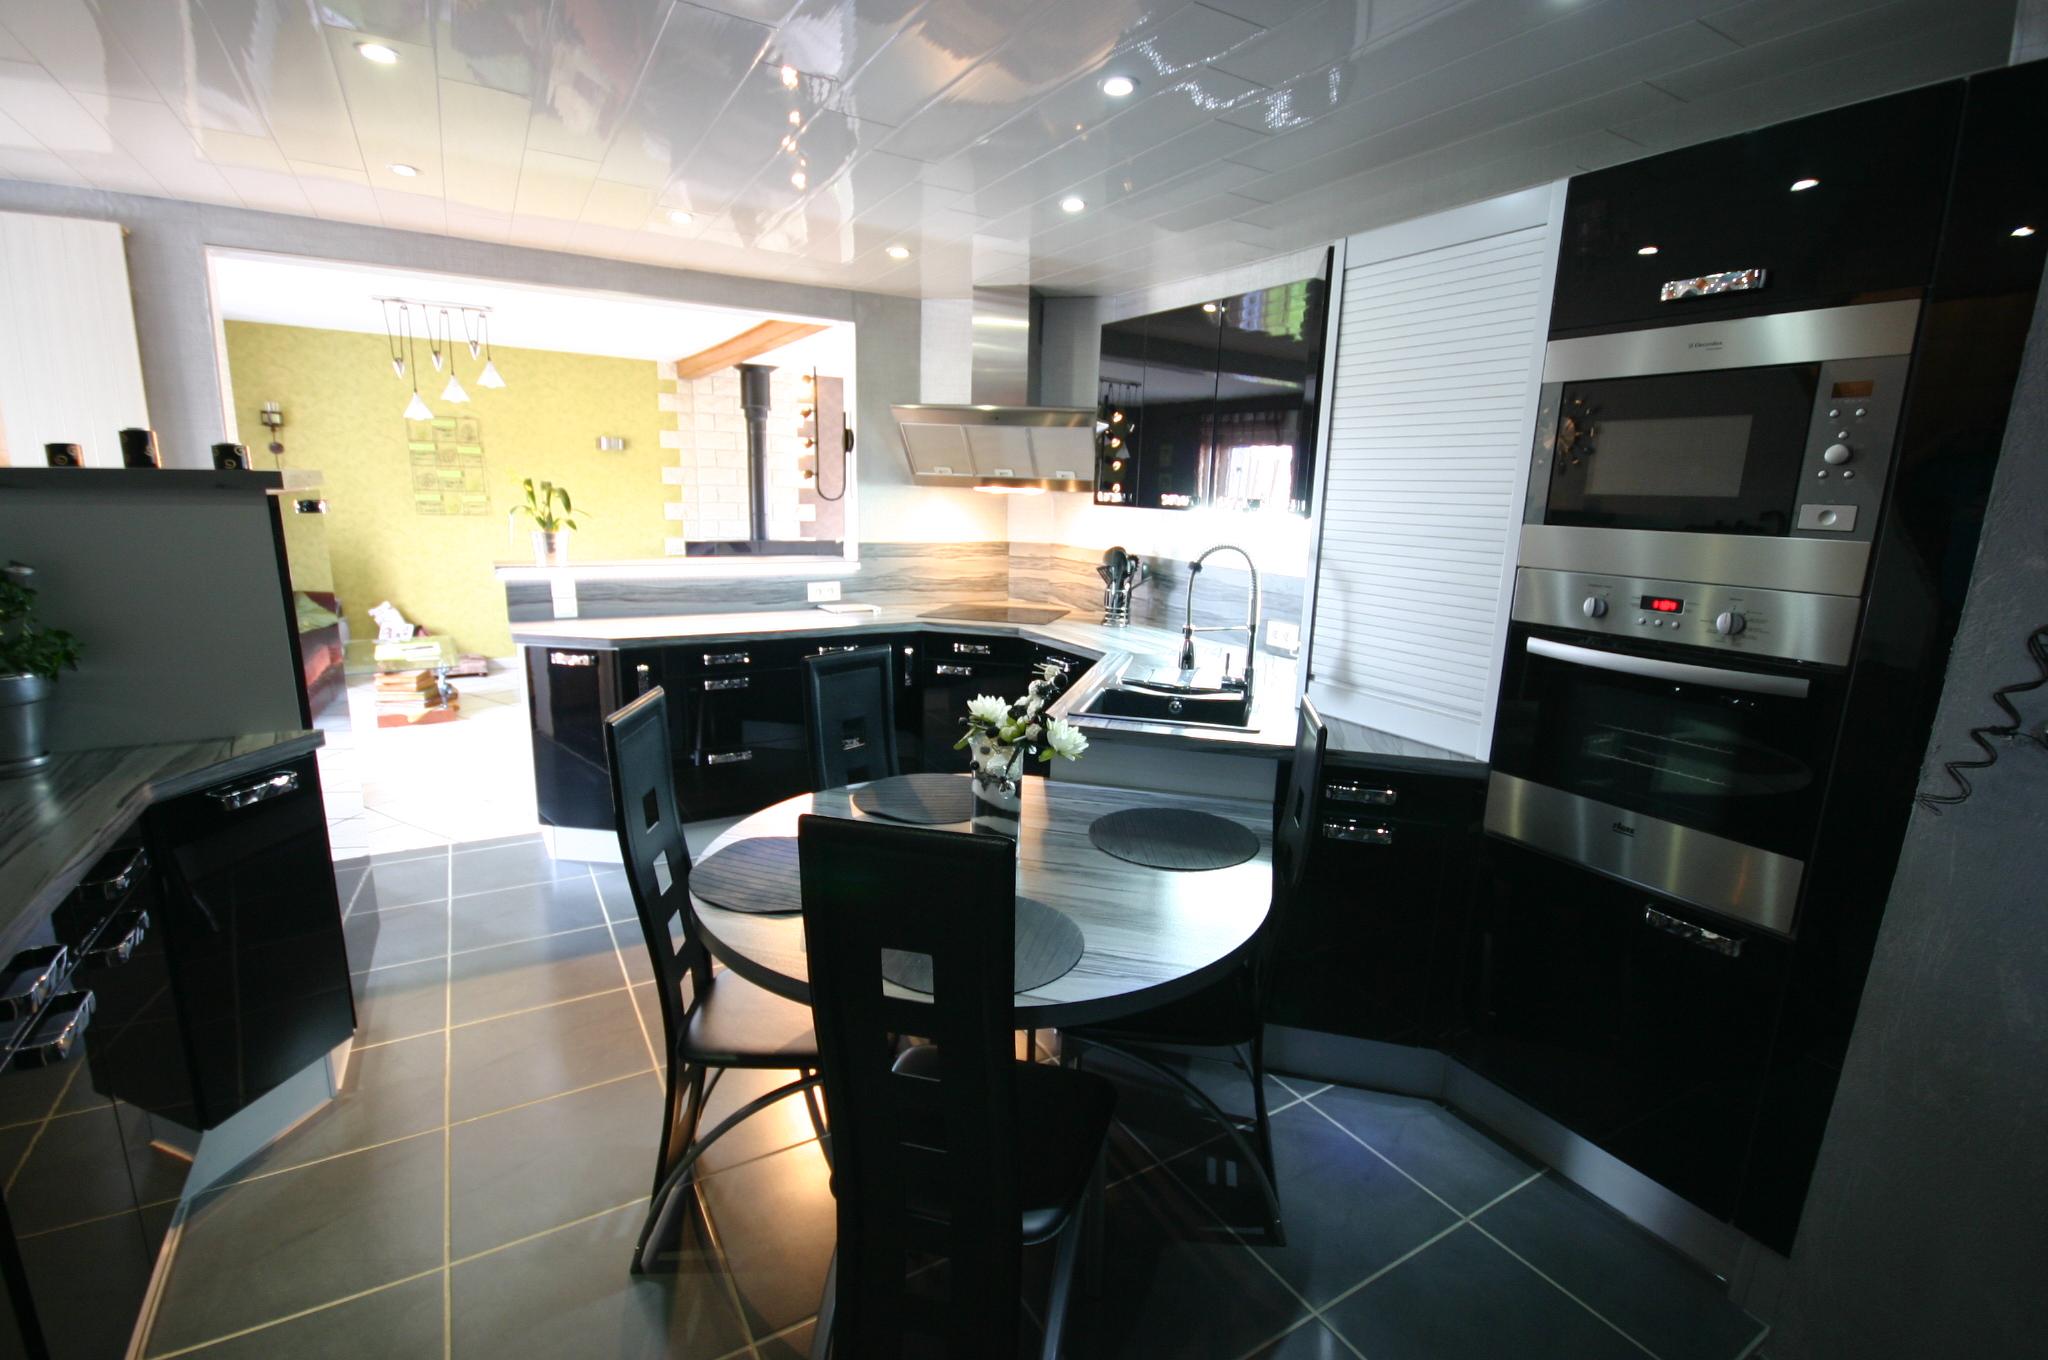 Cuisine laqu e noire par meubles jem Cuisines encastrees